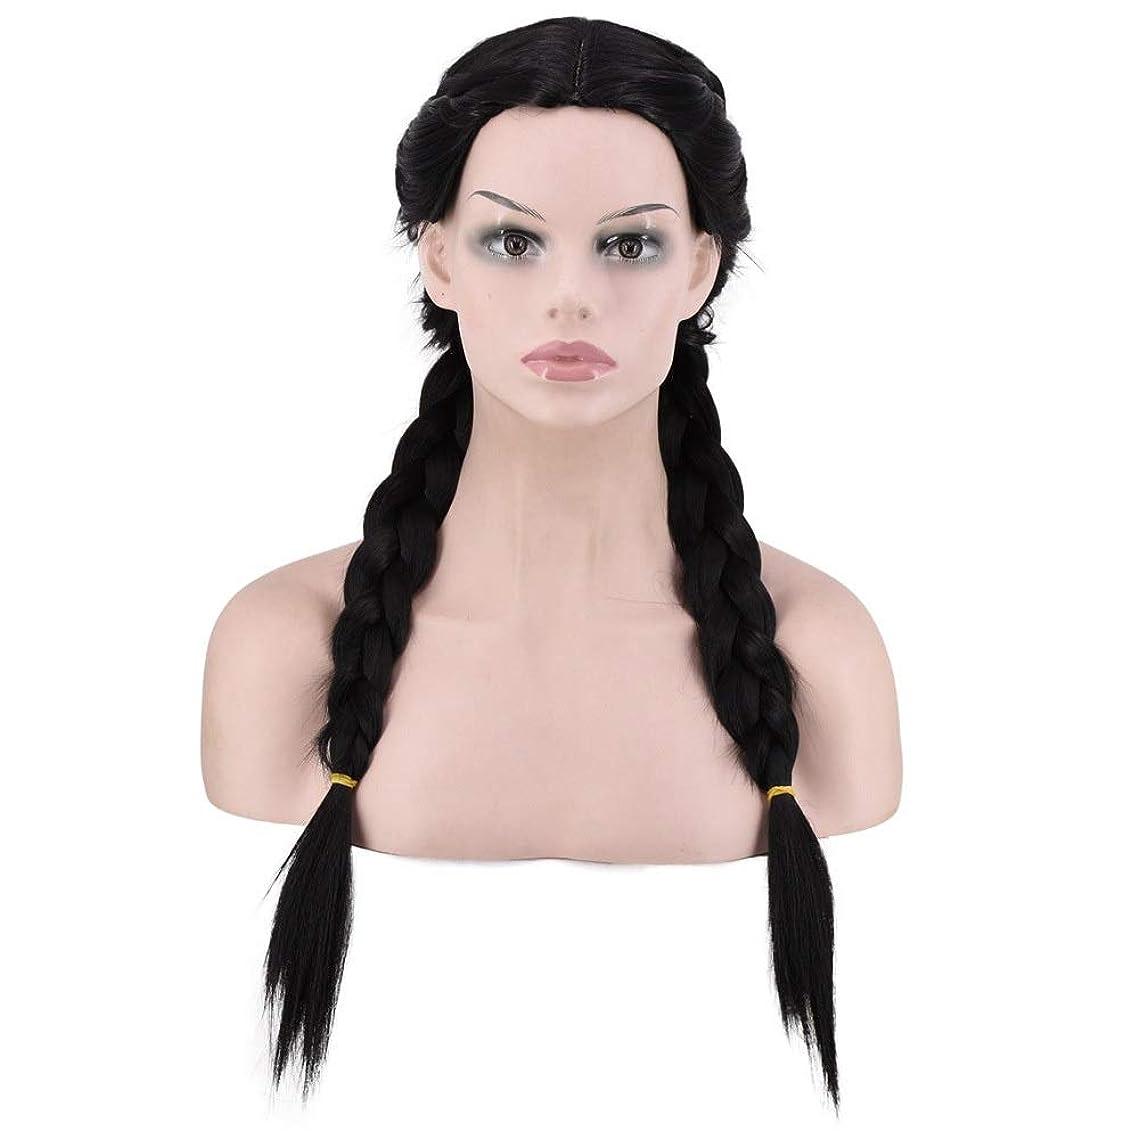 めったにアレイセイはさておきBOBIDYEE 黒の長い髪ハンド編組編組女性ダブルポニーテールウィッグ自然に見える合成ヘアレースウィッグロールプレイングかつら (色 : 黒)